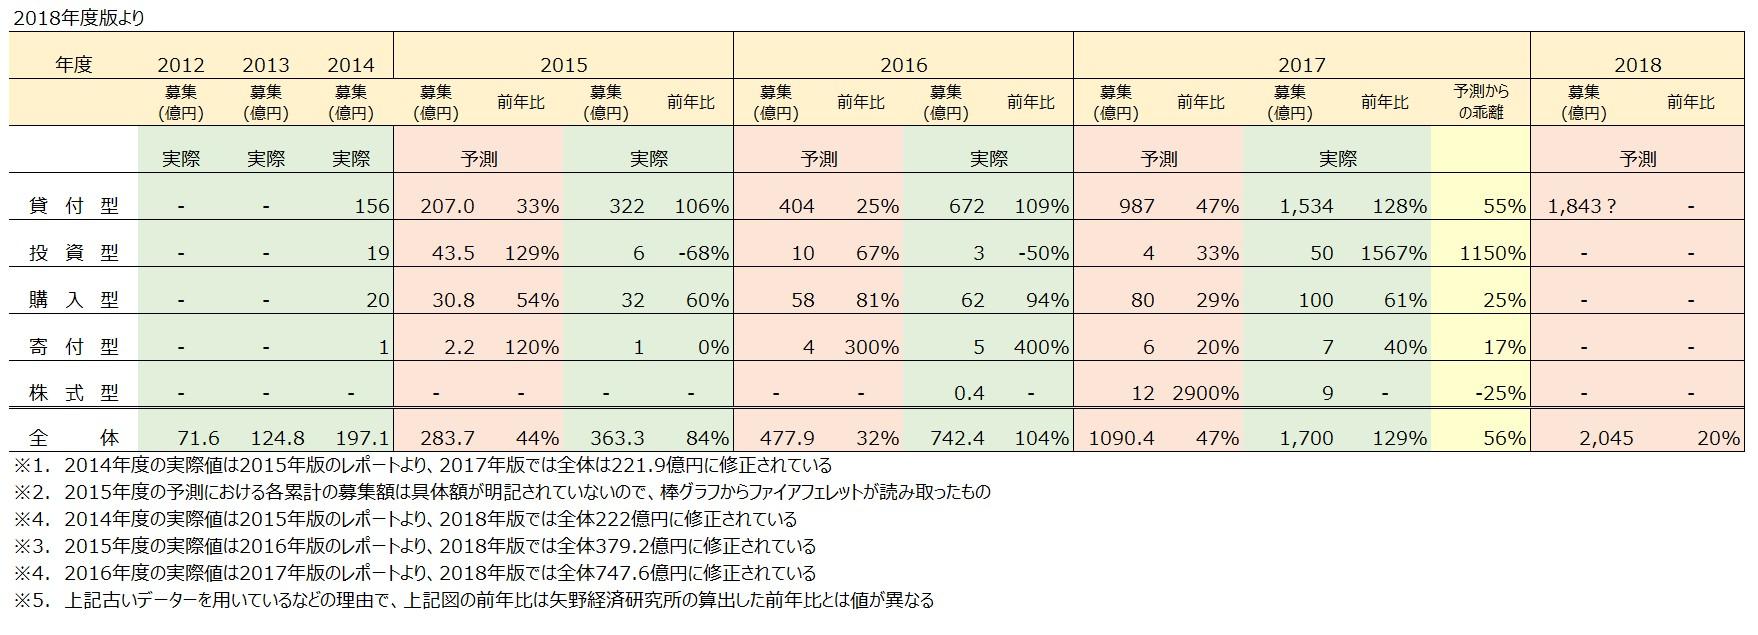 矢野経済研究所2018年度より